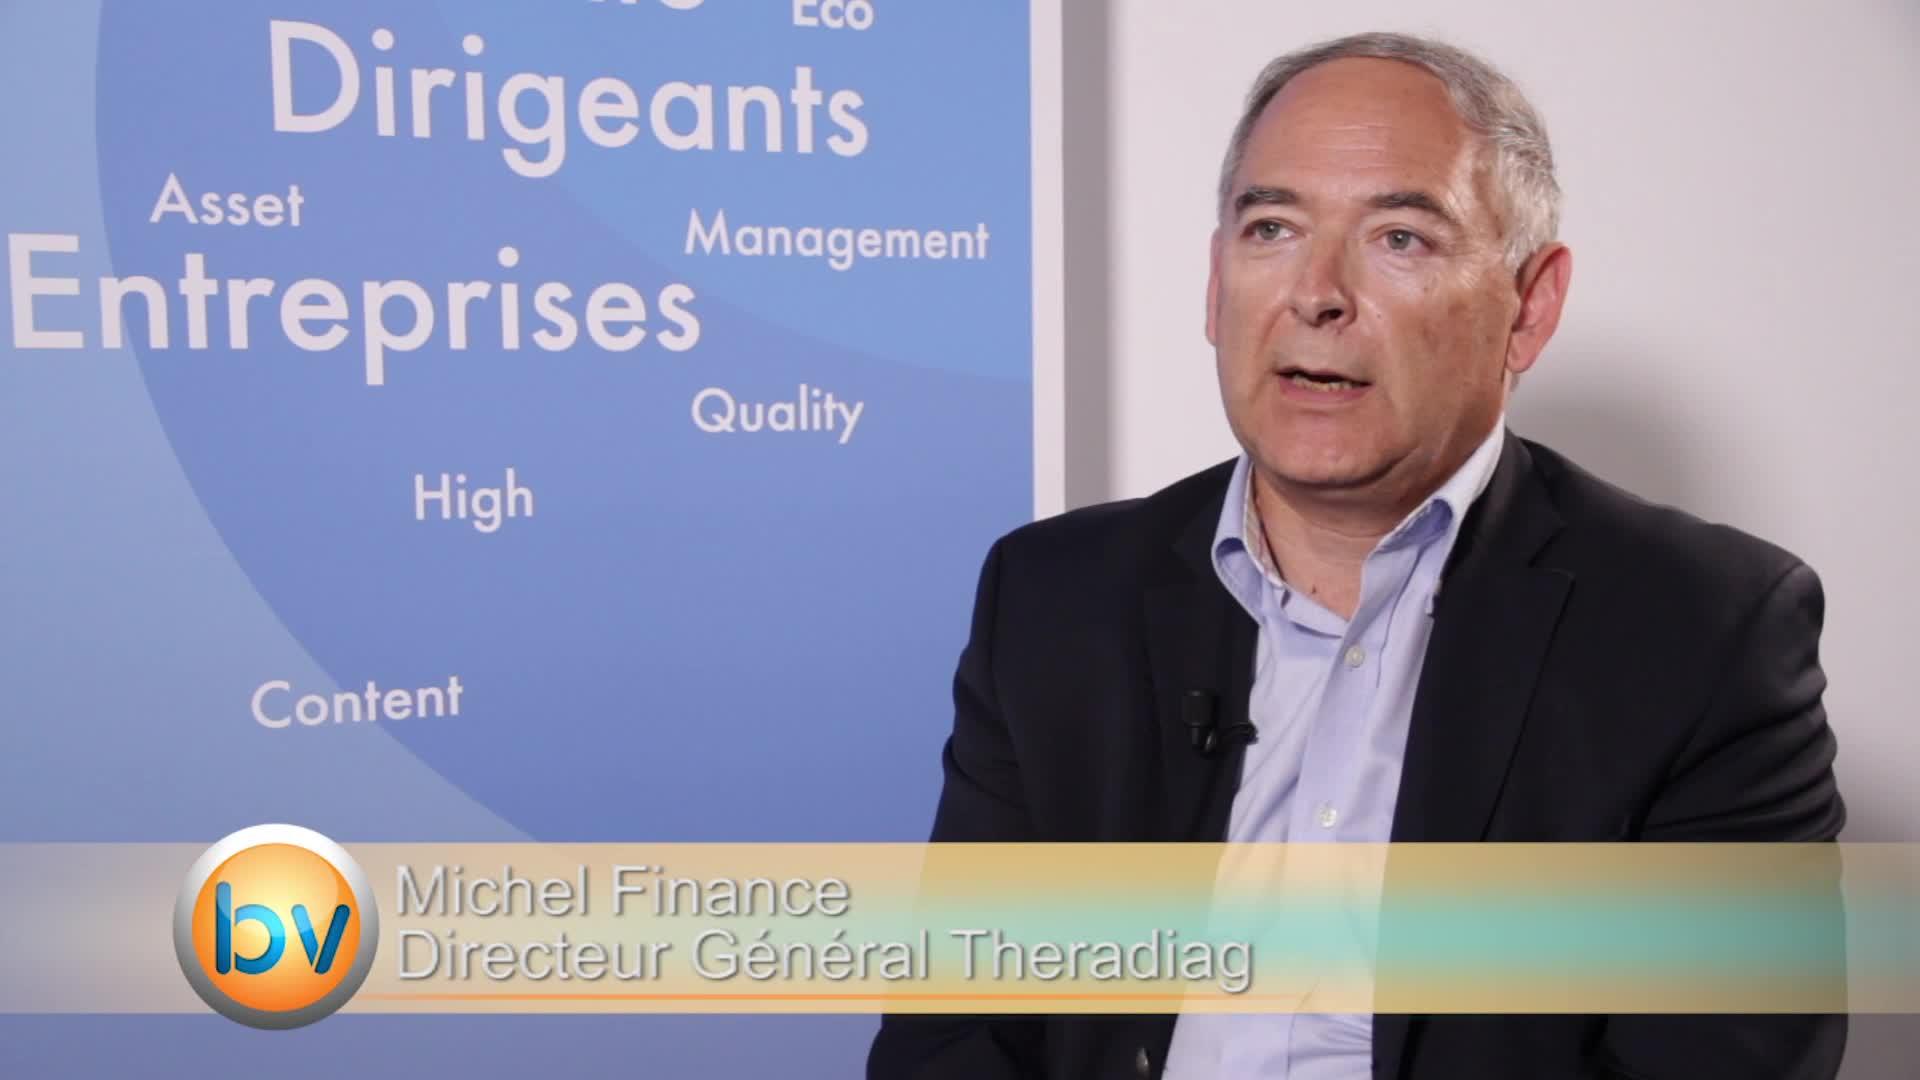 """Michel Finance Directeur Général Theradiag : """"Cela change le futur de Theradiag"""""""